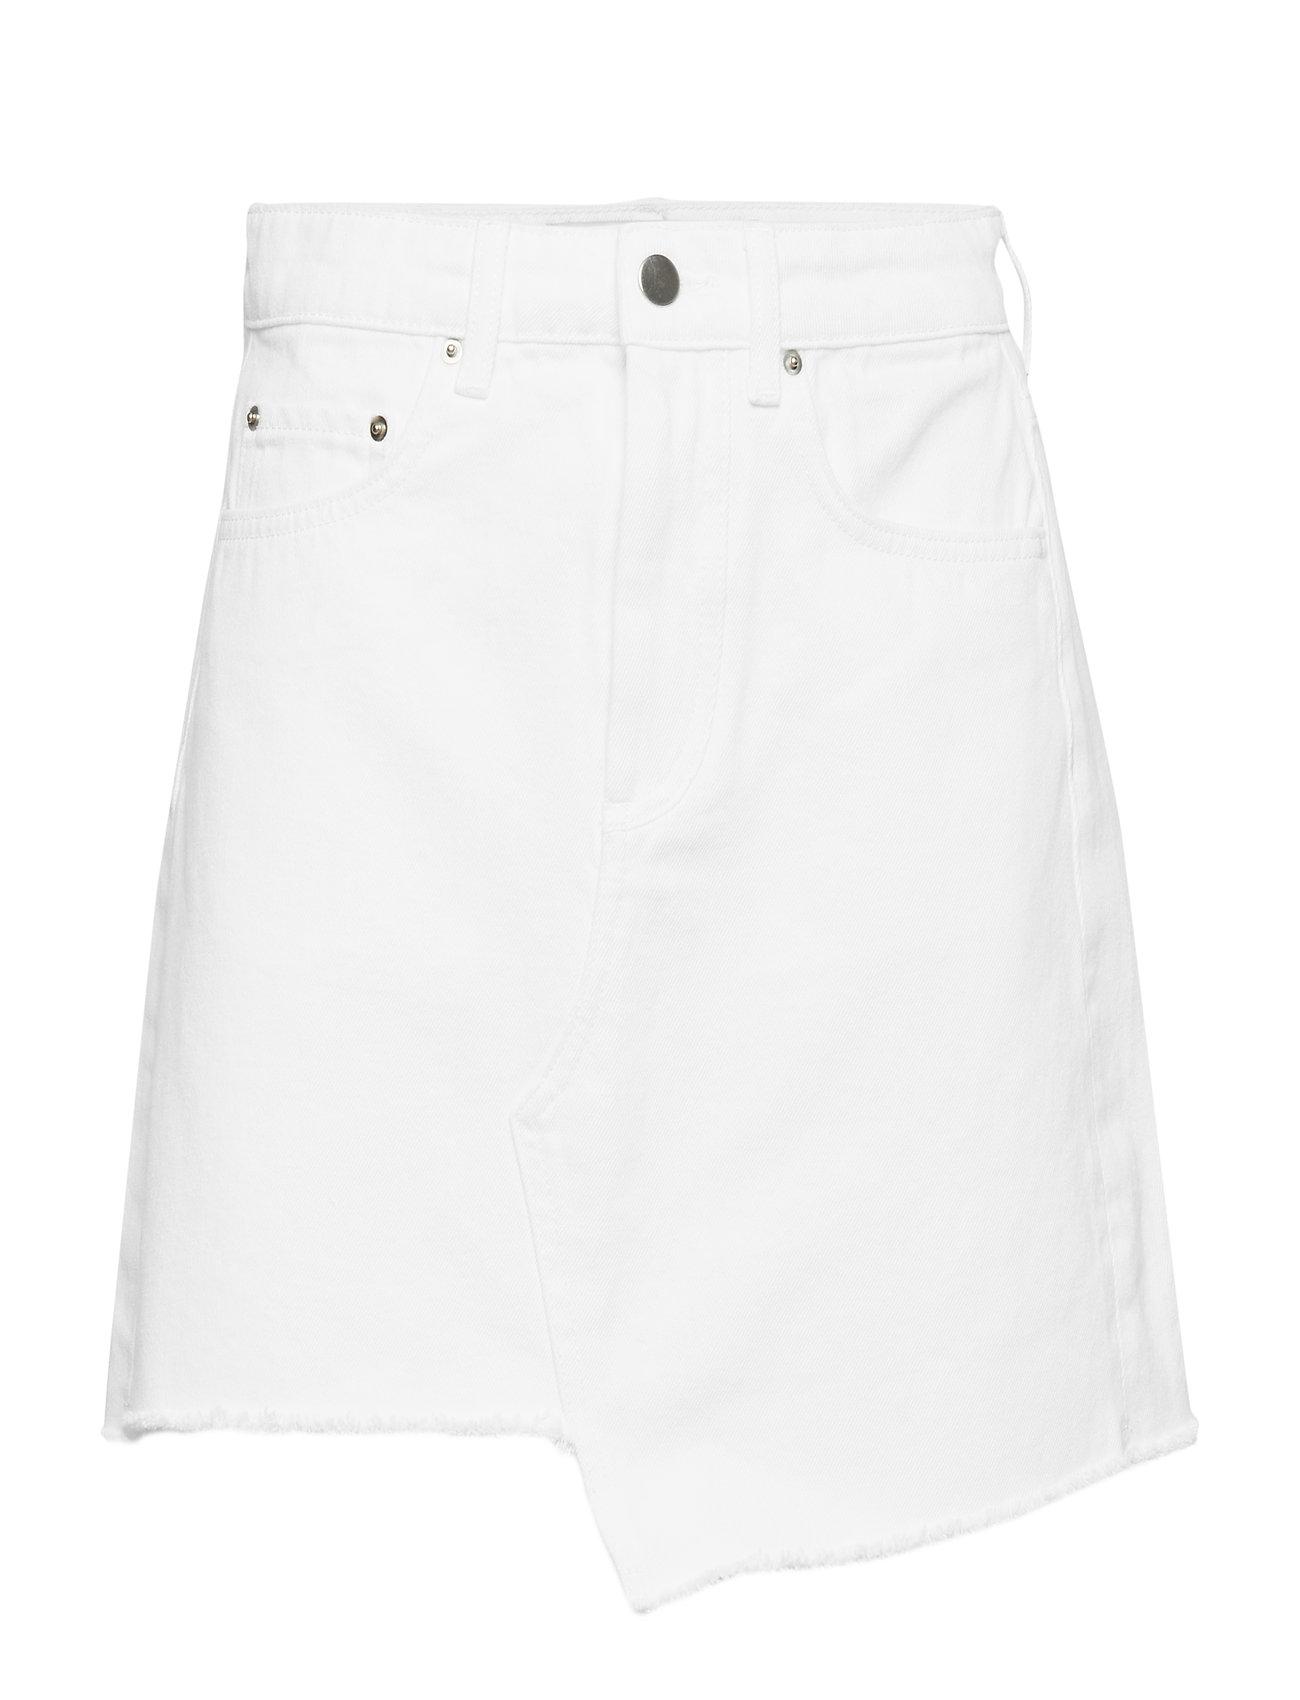 Image of Raw Edge Denim Skirt Kort Nederdel Hvid Ivyrevel (3158643935)